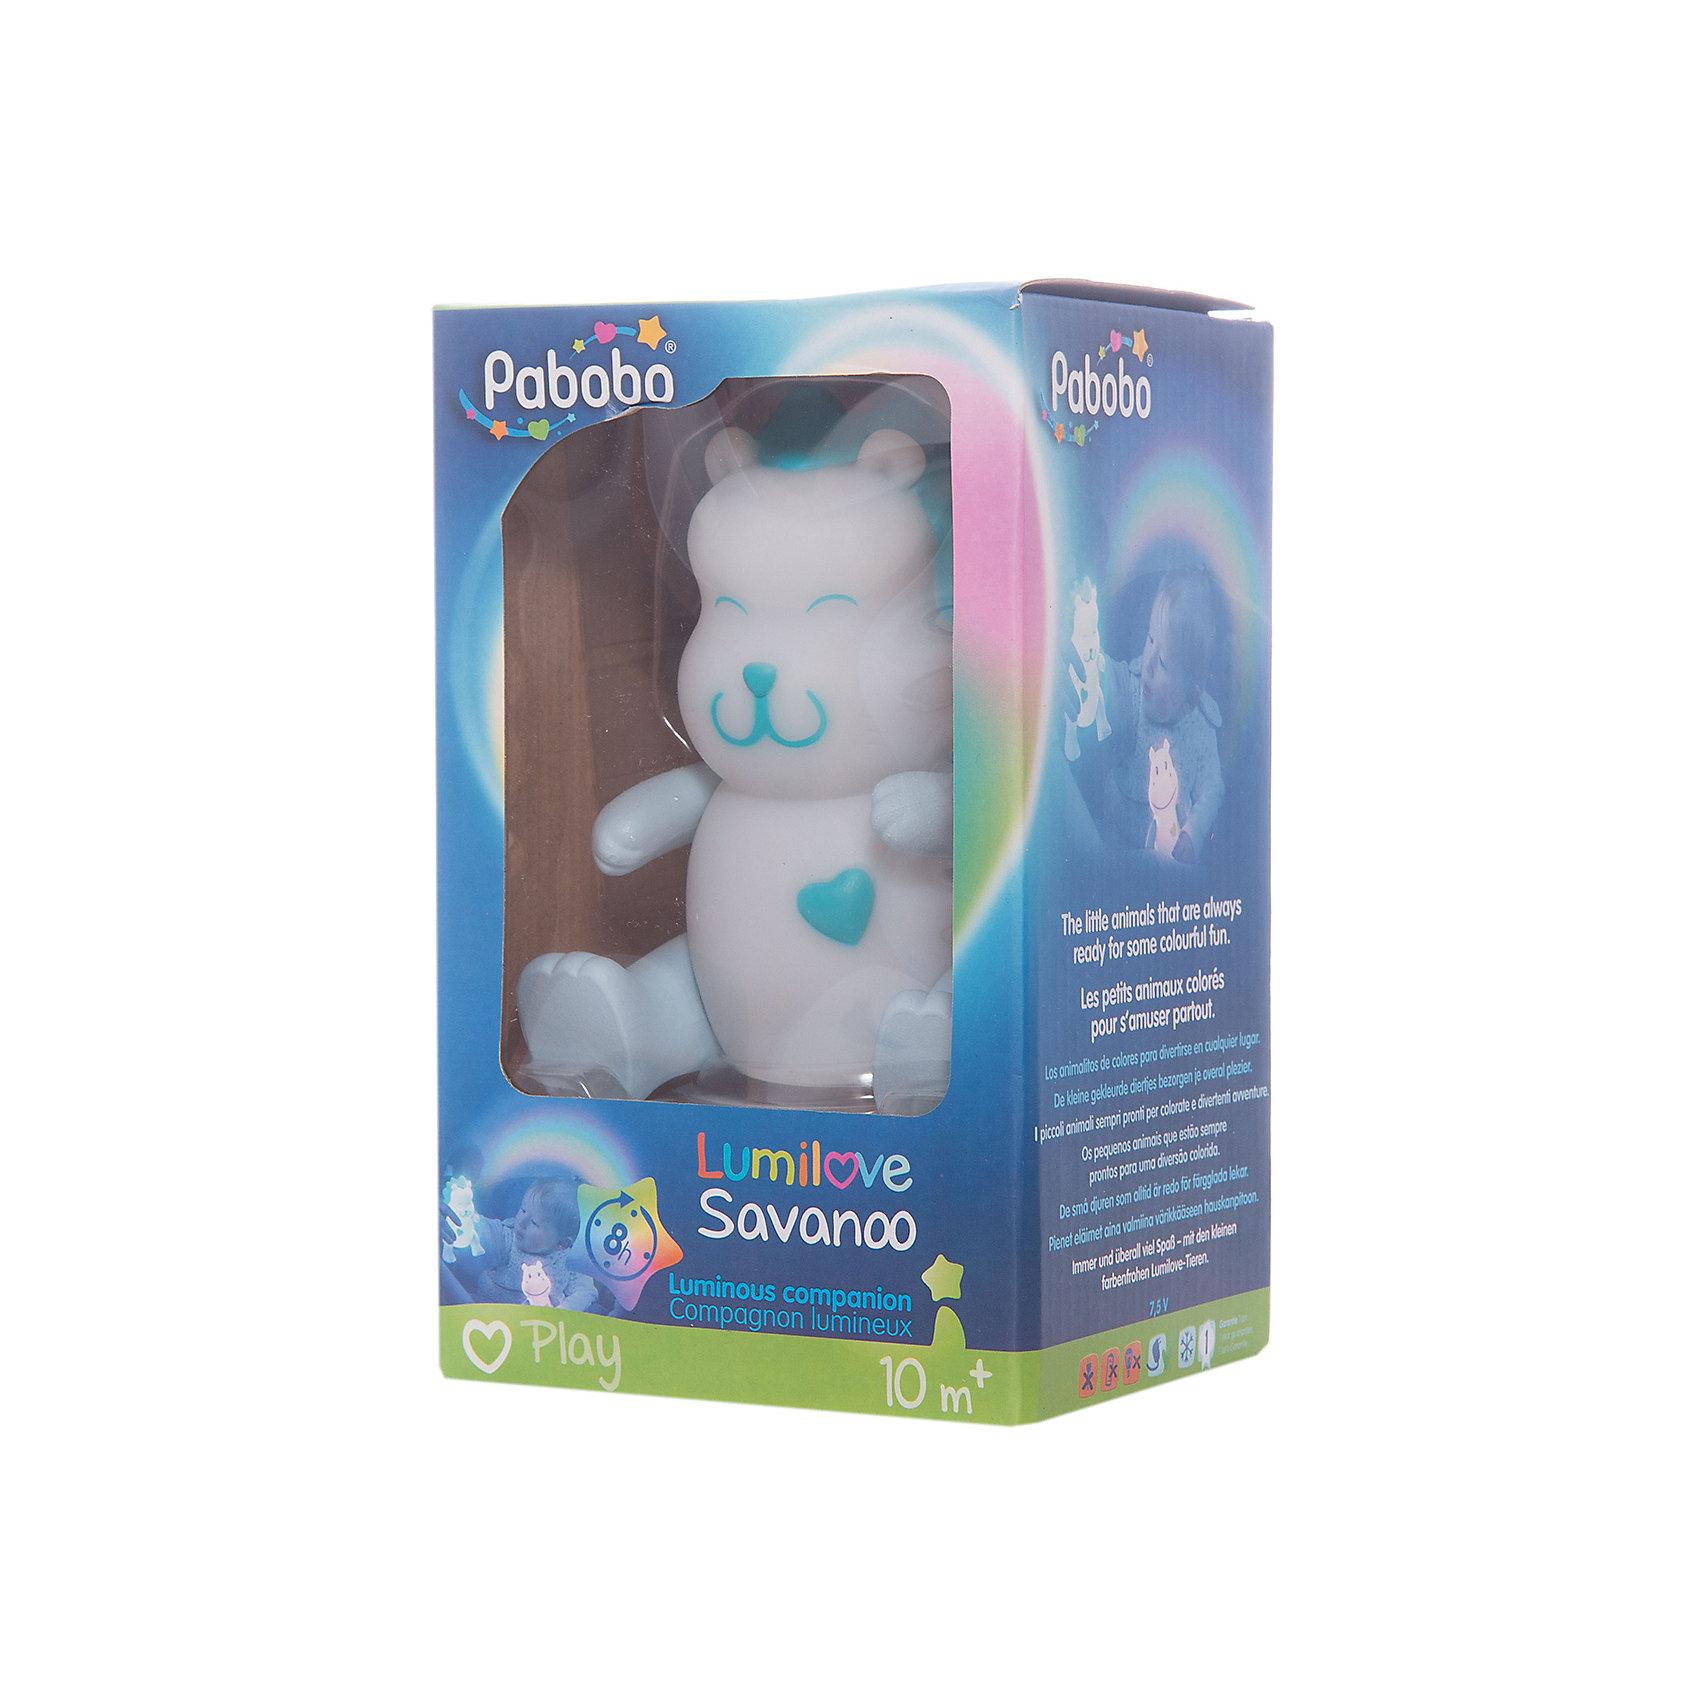 Ночник-игрушка, PaboboНочники и проекторы<br>Характеристики:<br><br>• Пол: универсальный<br>• Тематика рисунка: без рисунка<br>• Цвет: белый, голубой<br>• Материал: пластик<br>• Светодиодные лампы<br>• Мягкий рассеянный свет<br>• Во время работы не нагревается<br>• 8 часов непрерывной работы<br>• Меняется цвет освещения<br>• Подвижные передние и задние лапки<br>• Вес: 50 г <br>• Особенности ухода: допускается сухая и влажная чистка<br><br>Ночник-игрушка, Pabobo от французского торгового бренда, который занимается производством детских светильников и проекторов. При изготовлении используются качественные и безопасные материалы, которые характеризуются длительным сроком службы. Пластик, из которого изготовлен ночник, устойчив к повреждениям и появлению царапин, не имеет запаха. <br><br>Светильник оснащен светодиодными лампами, которые не нужно менять. Степень яркости автоматически регулируется в зависимости от естественного освещения. Светильник выполнен в виде львенка с подвижными лапами. Если его погладить, он меняет цвет освещения. Светильник-игрушку можно брать с собой в кровать.<br><br>Ночник-игрушку, Pabobo можно купить в нашем интернет-магазине.<br><br>Ширина мм: 95<br>Глубина мм: 75<br>Высота мм: 165<br>Вес г: 200<br>Возраст от месяцев: 10<br>Возраст до месяцев: 156<br>Пол: Унисекс<br>Возраст: Детский<br>SKU: 5482448